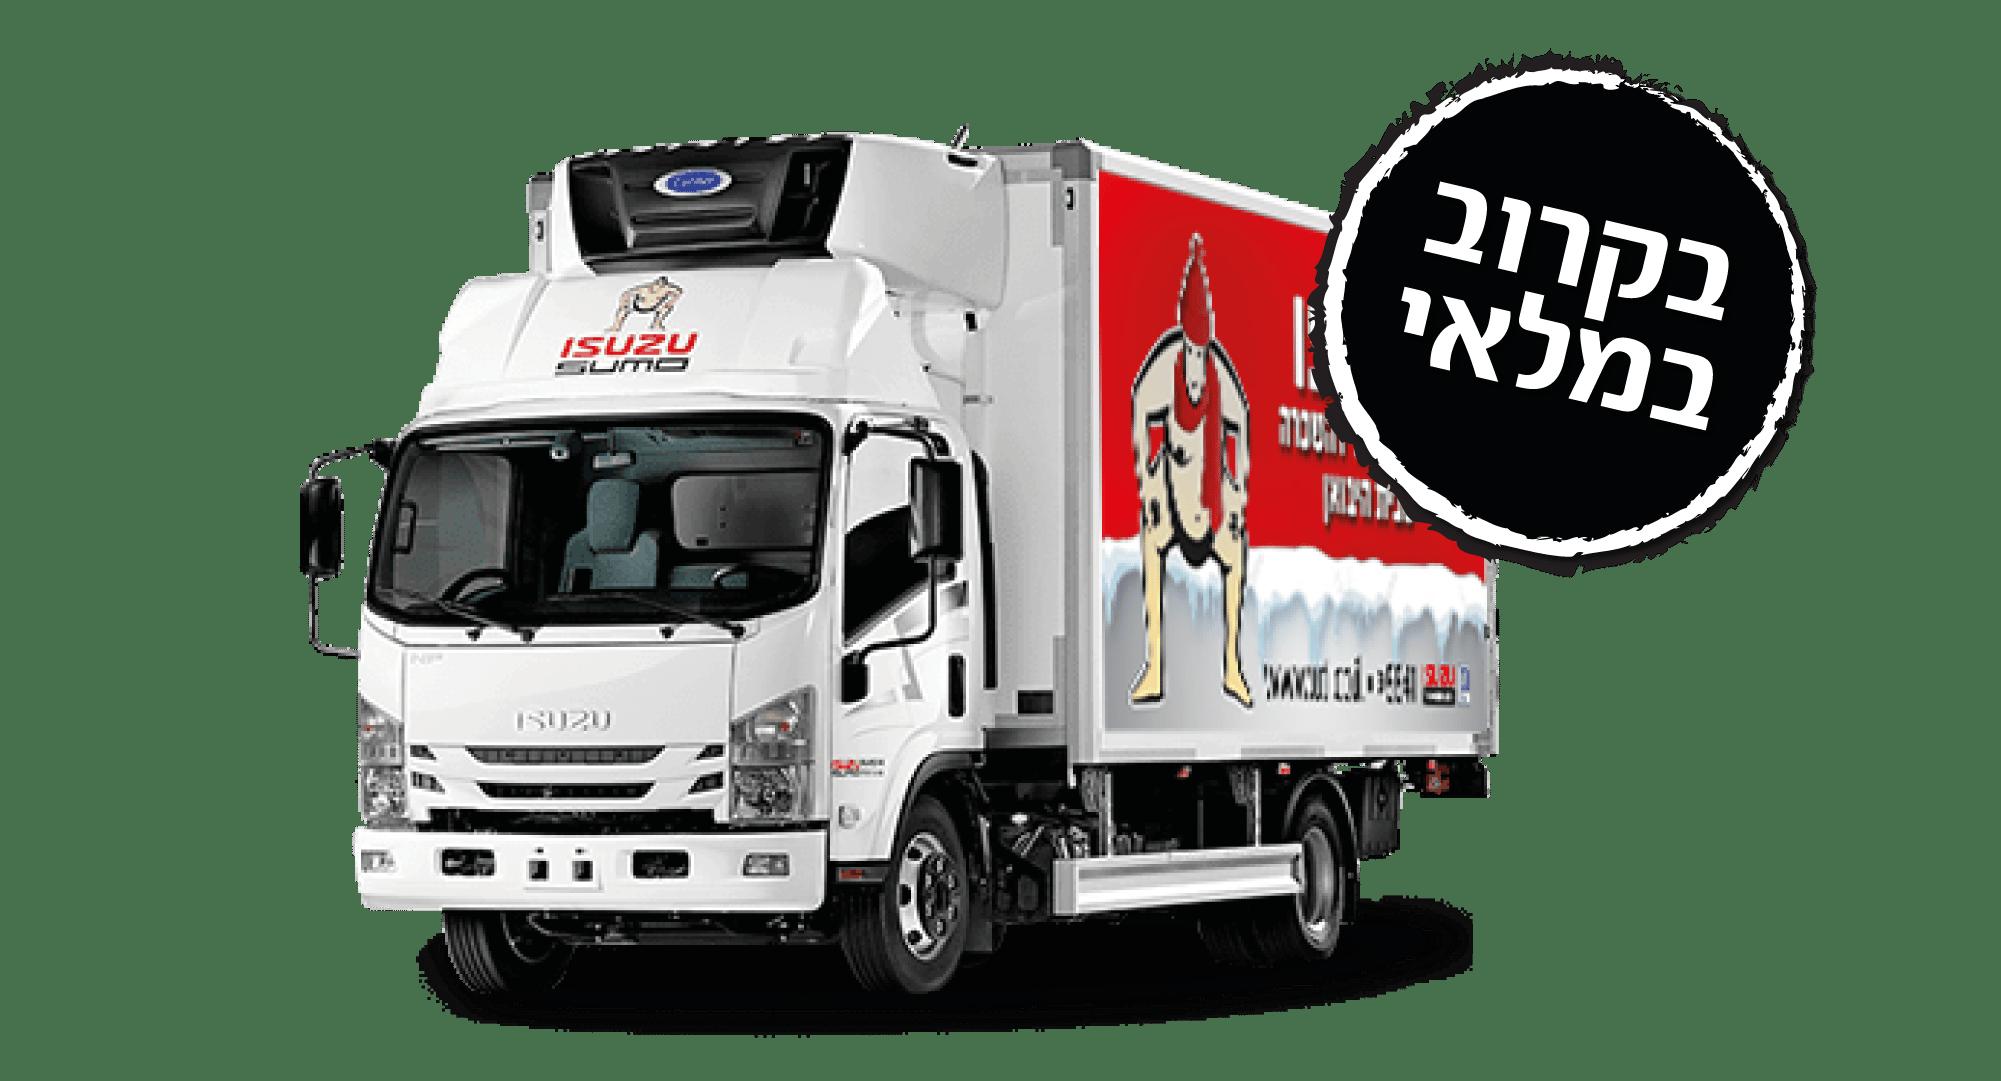 משאית יד 2 - ארגז קירור - 7.5 טון